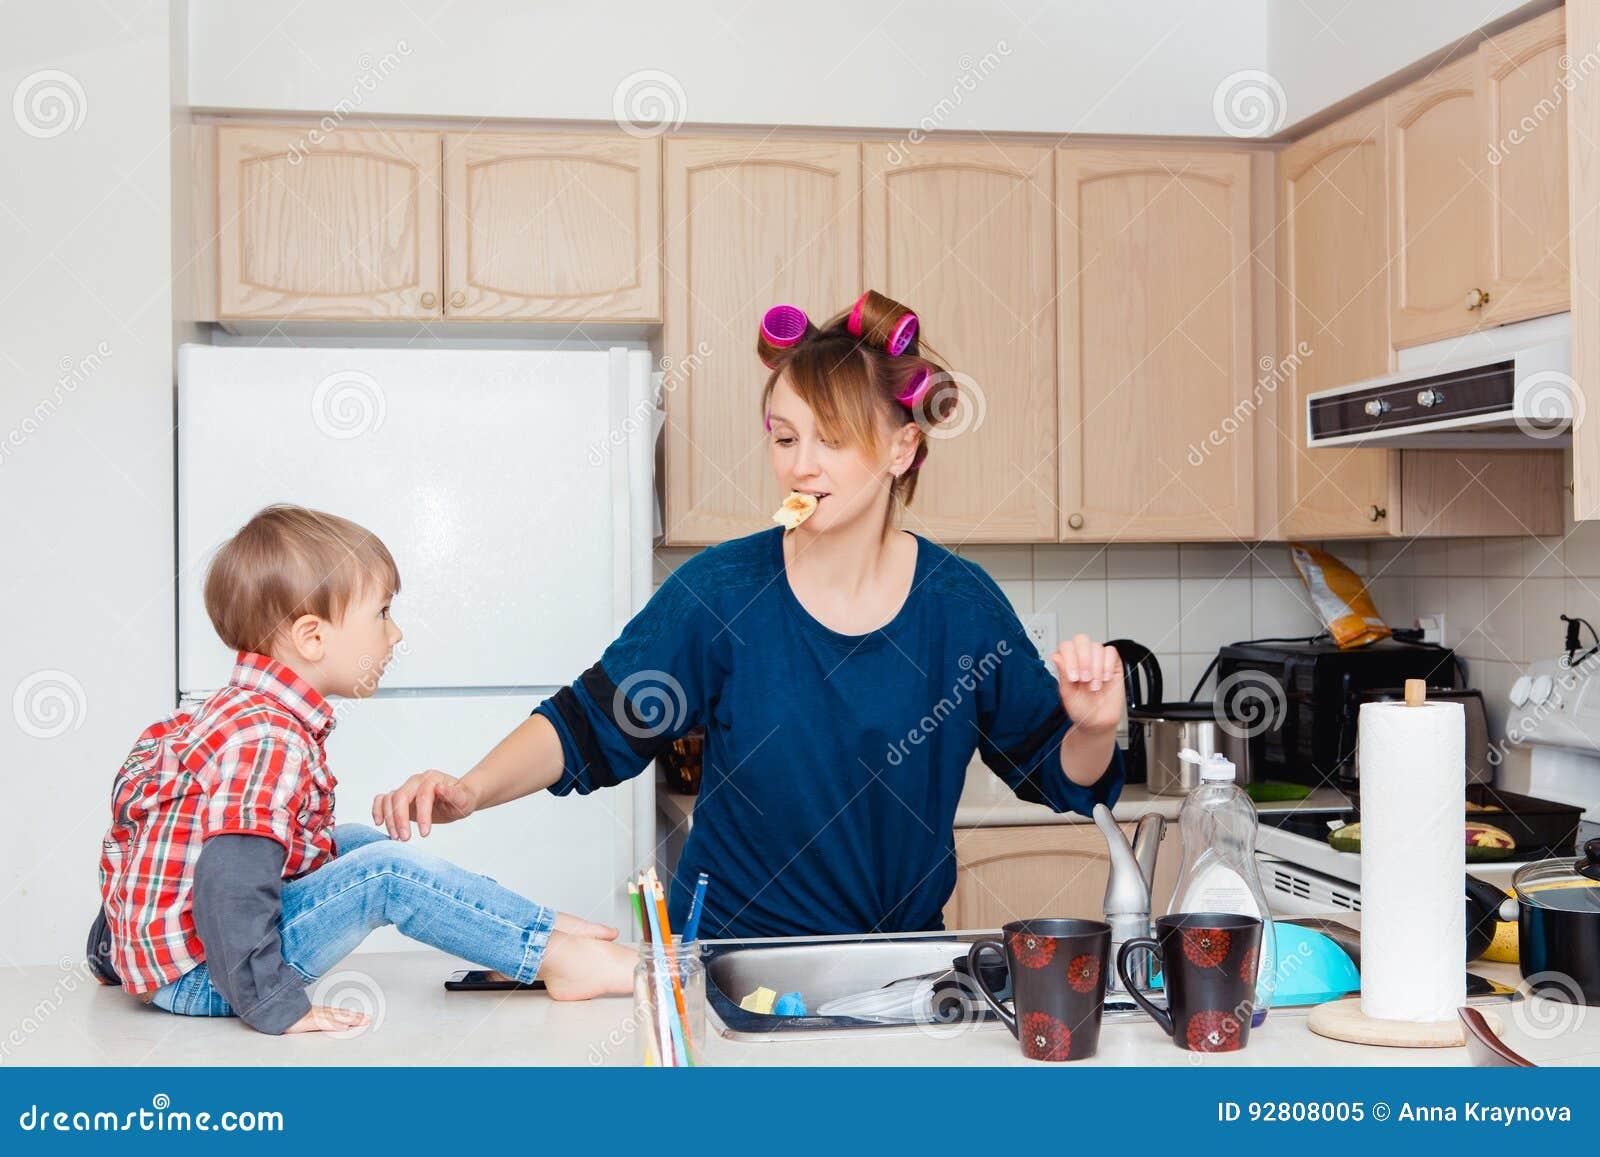 Beschäftigte weiße kaukasische Mutterhausfrau der jungen Frau mit Haarlockenwicklern in ihrem Haar kochend, Abendessenmahlzeit in